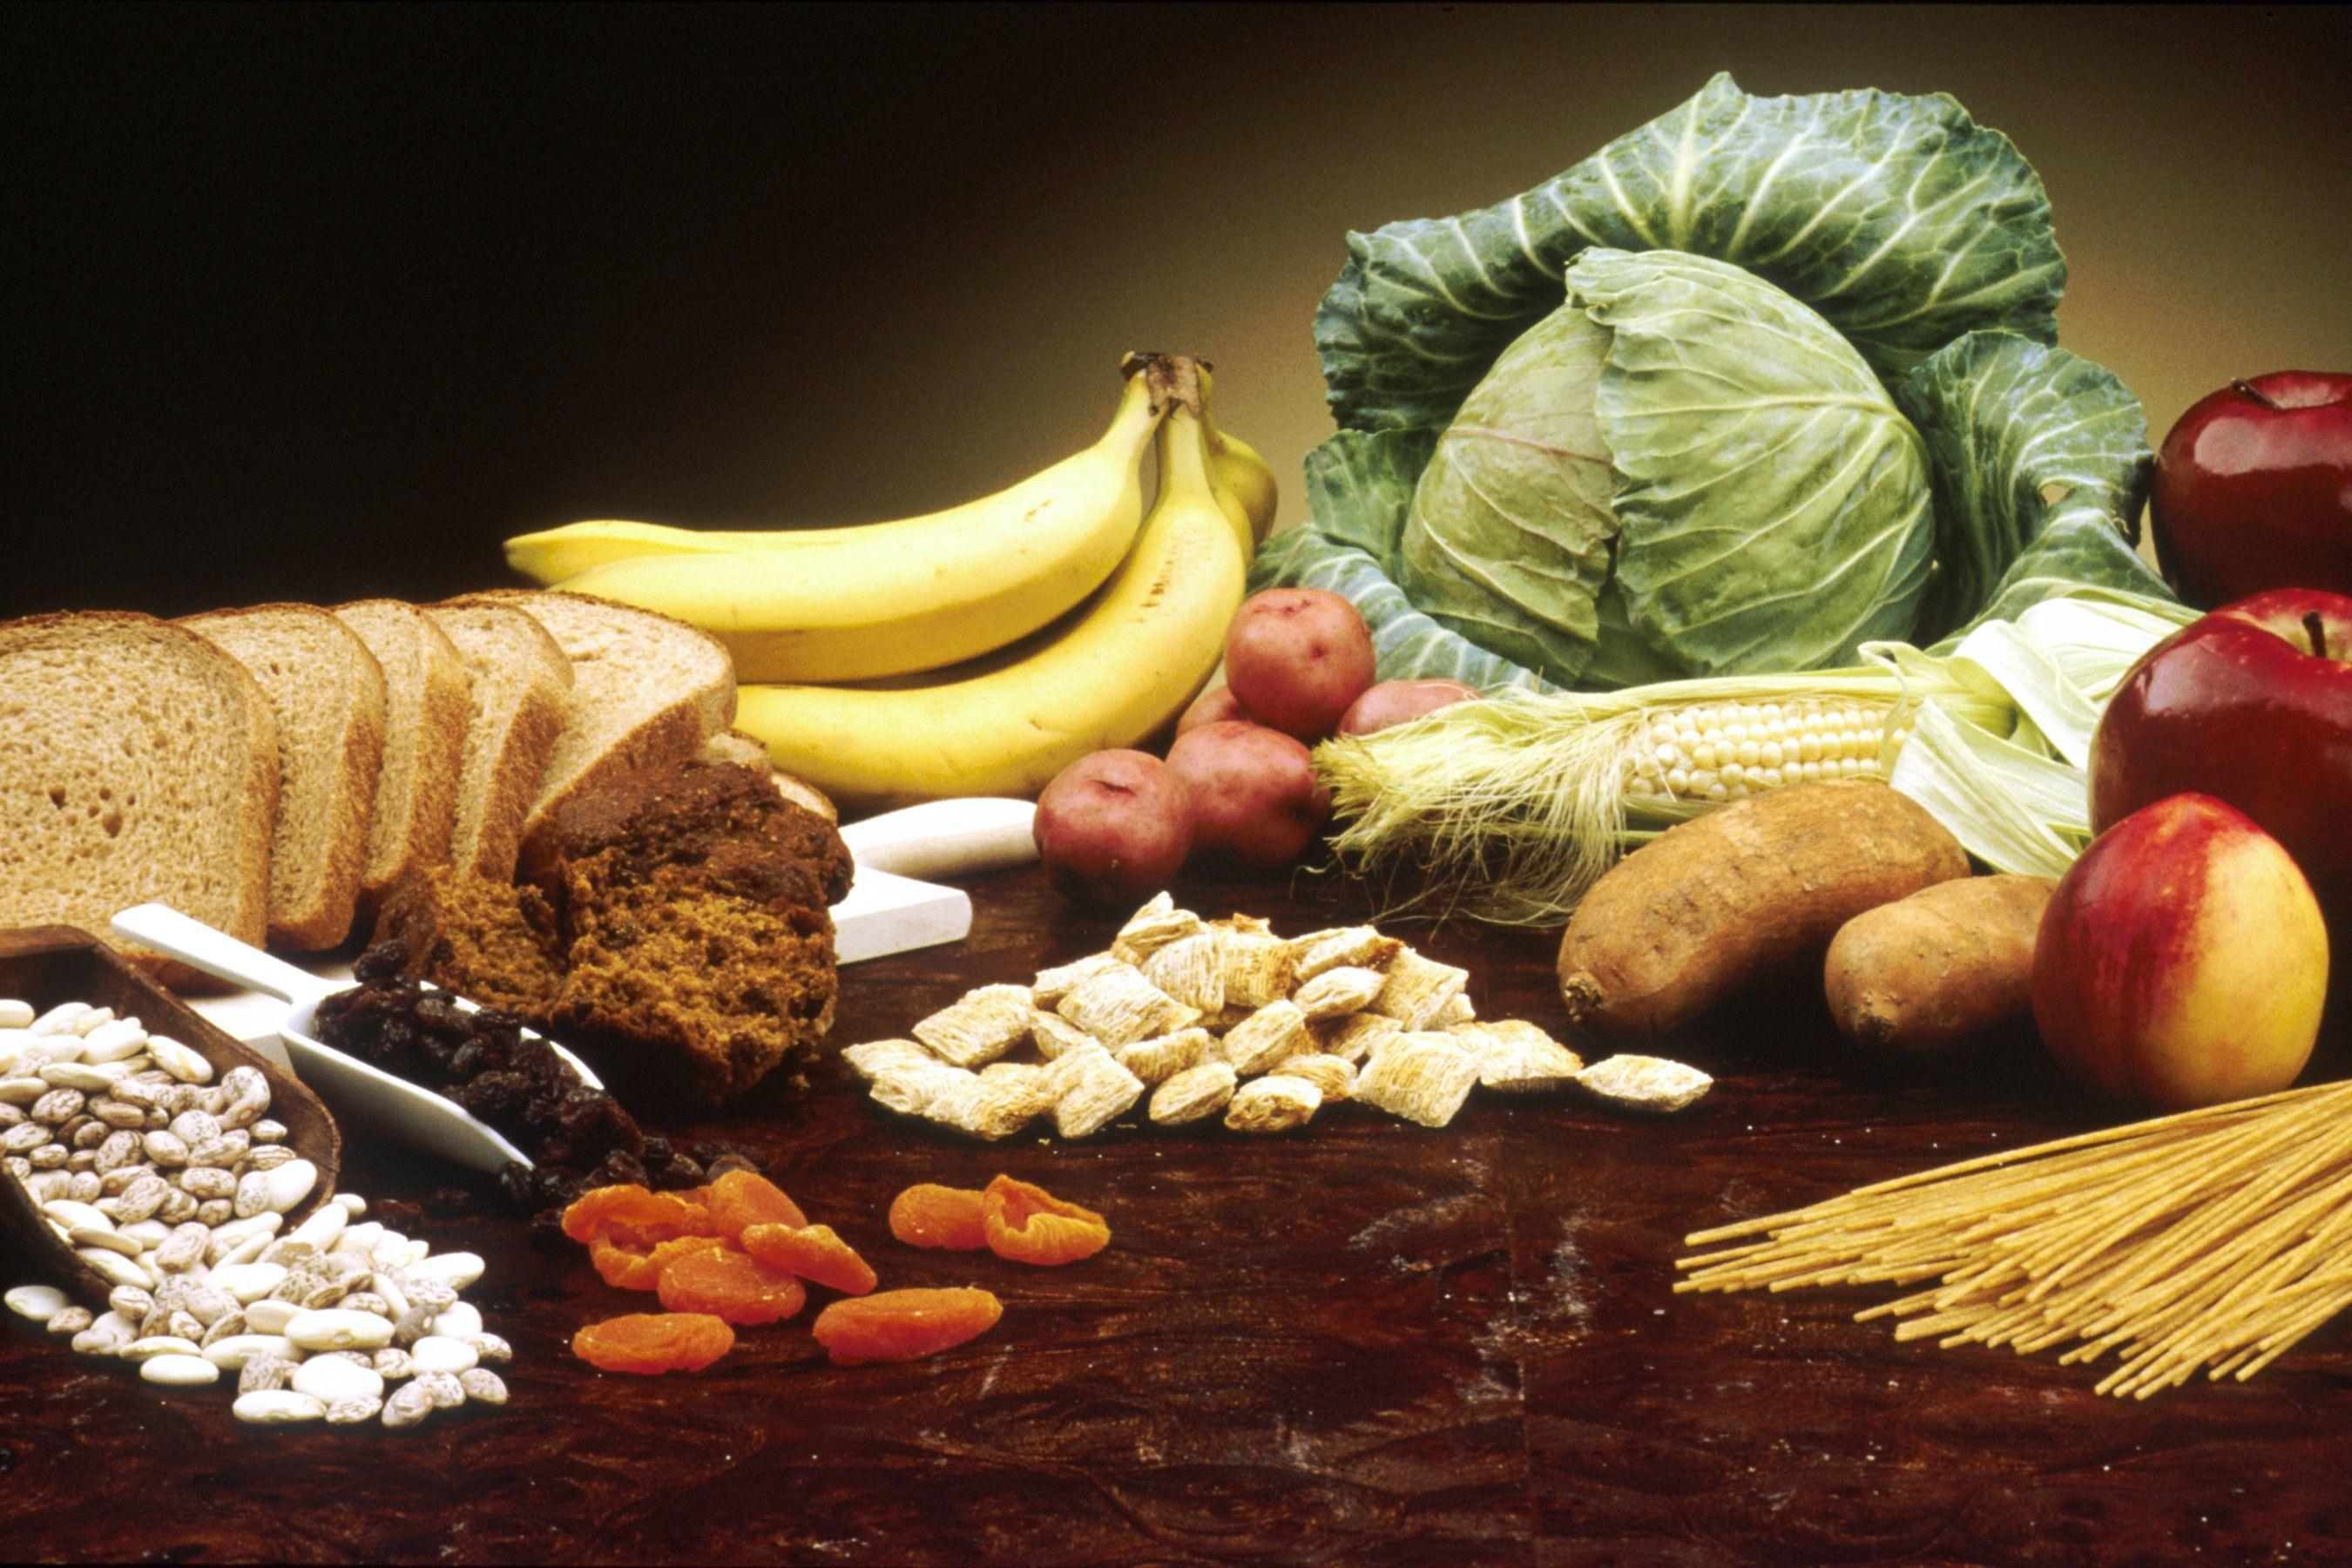 Sei pronto per diventare vegetariano? [TEST]